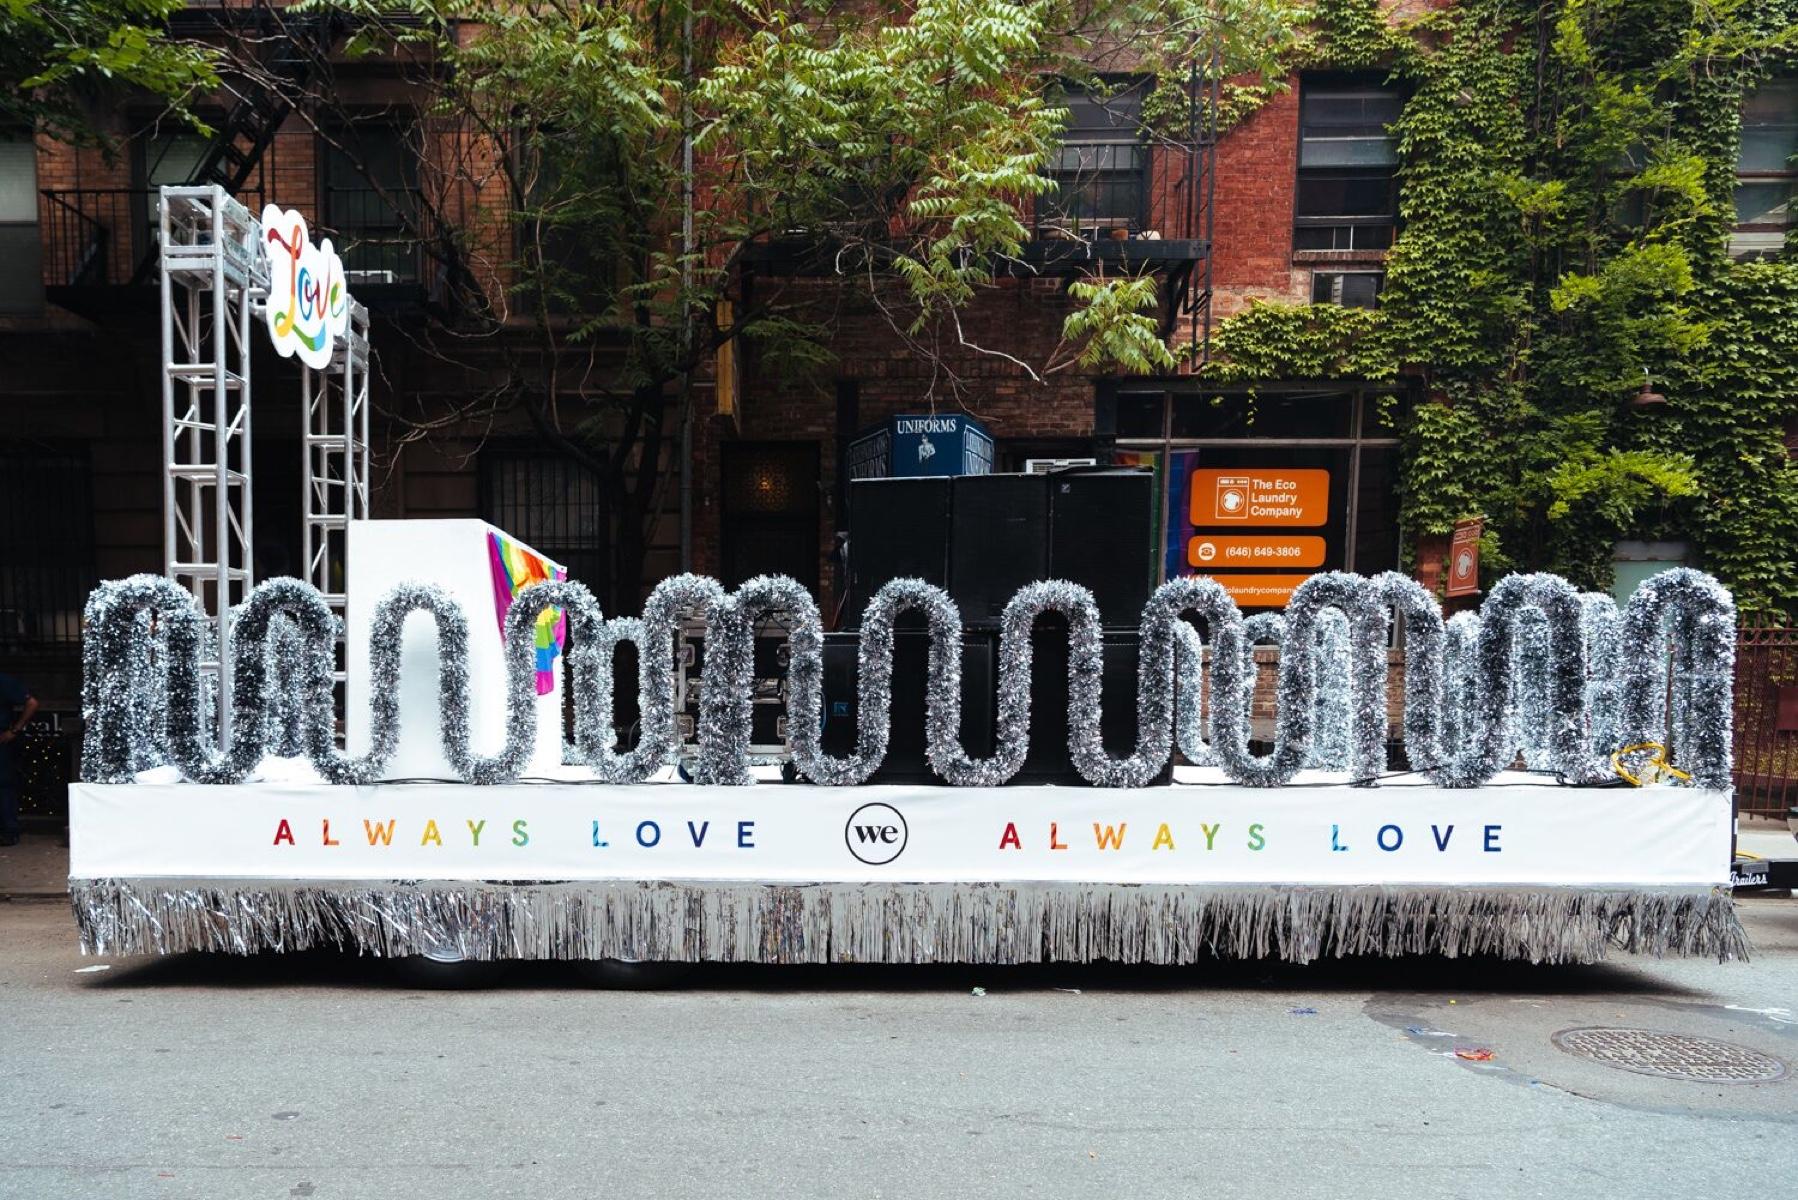 Pride float@2x.jpg